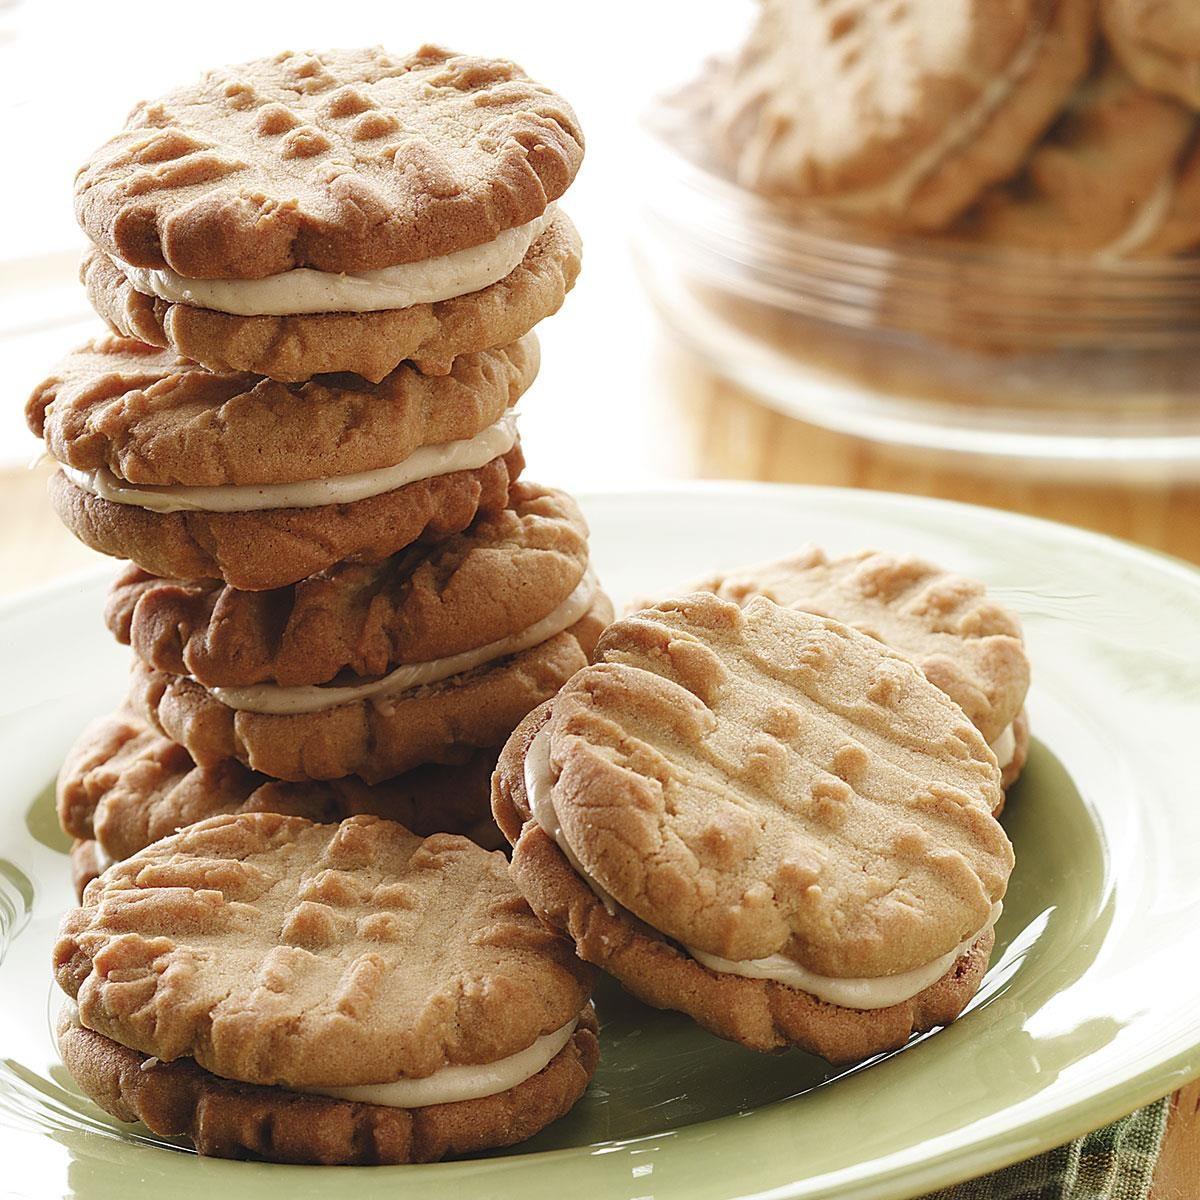 Peanut Butter Sandwich Cookies Recipe | Taste of Home